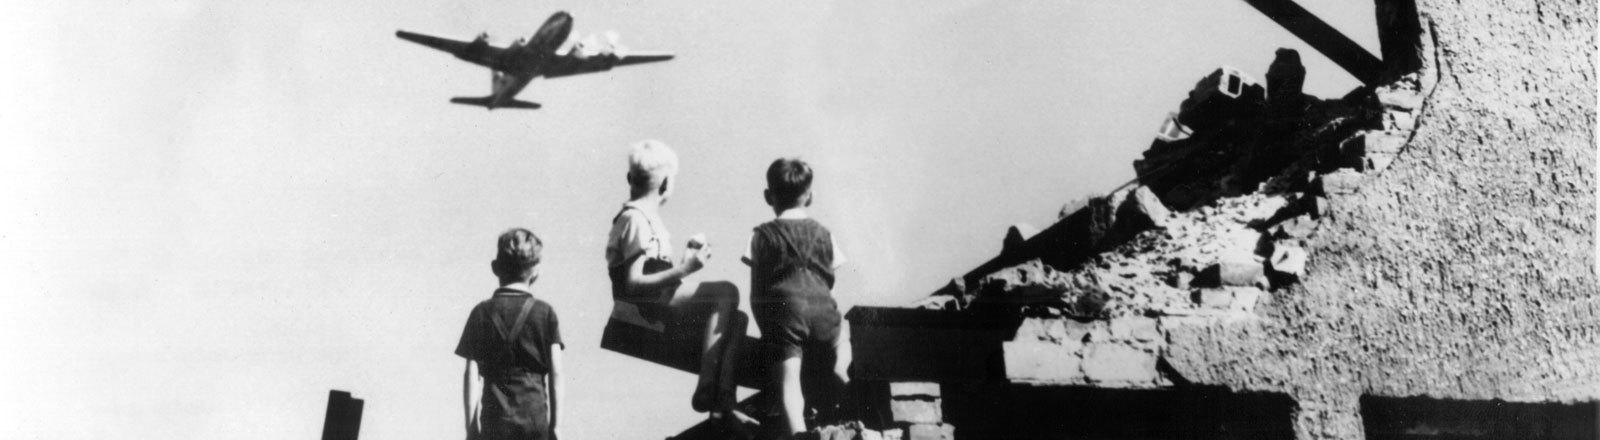 Drei West-Berliner Jungen, die auf einem Trümmerberg spielen, schauen zu einem US-amerikanisches Transportflugzeug vom Typ C-54 empor, das Versorgungsgüter nach West-Berlin bringt (Aufnahme von 1948). Als Reaktion auf die Währungsreform in den Westsektoren am 23.6.1948 verhängte die UdSSR am 24.6.1948 eine Blockade über Berlin. Alle Land- und Wasserwege wurden für den Personen- und Güterverkehr zwischen West-Berlin und Westdeutschland gesperrt. Die Versorgung der Westberliner Bevölkerung und der westalliierten Besatzung erfolgte daraufhin durch eine von den USA und Großbritannien errichtete Luftbrücke.